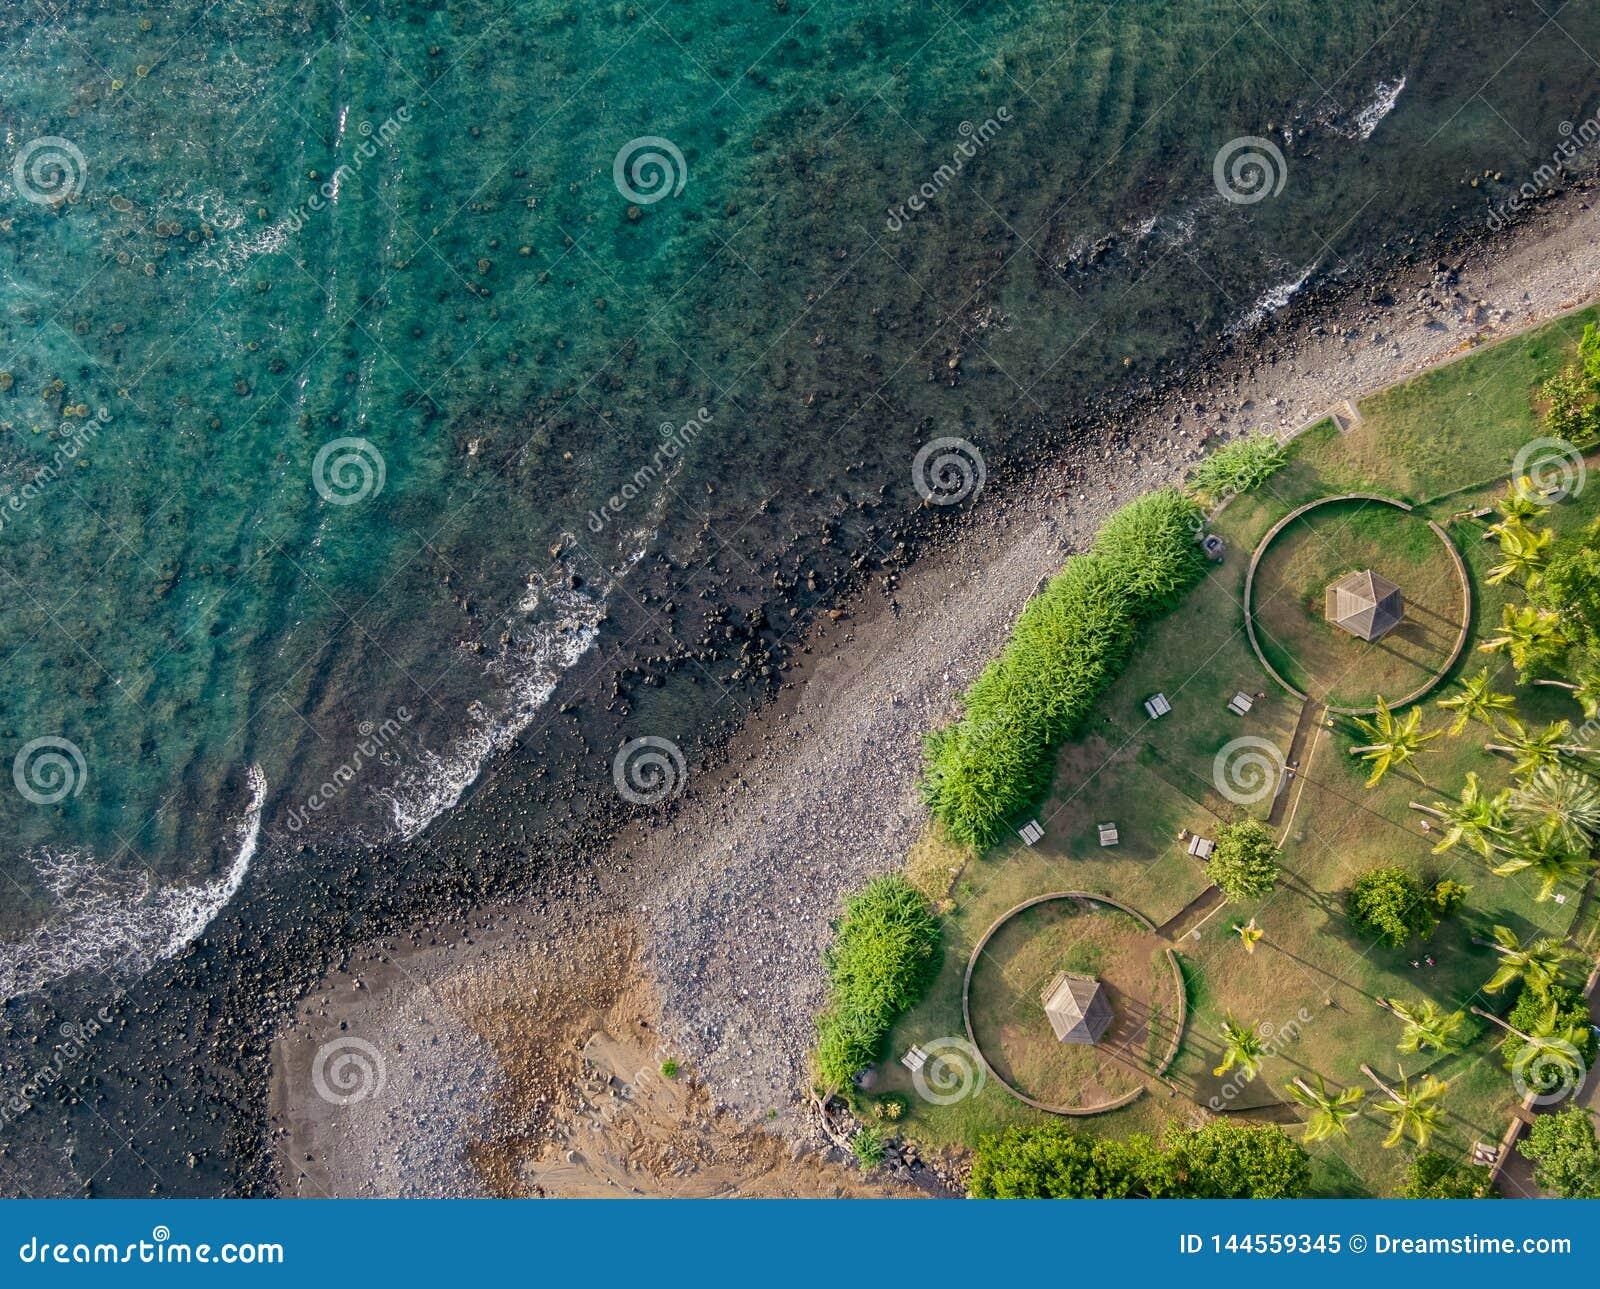 Korallenriff, Tiefpunkt